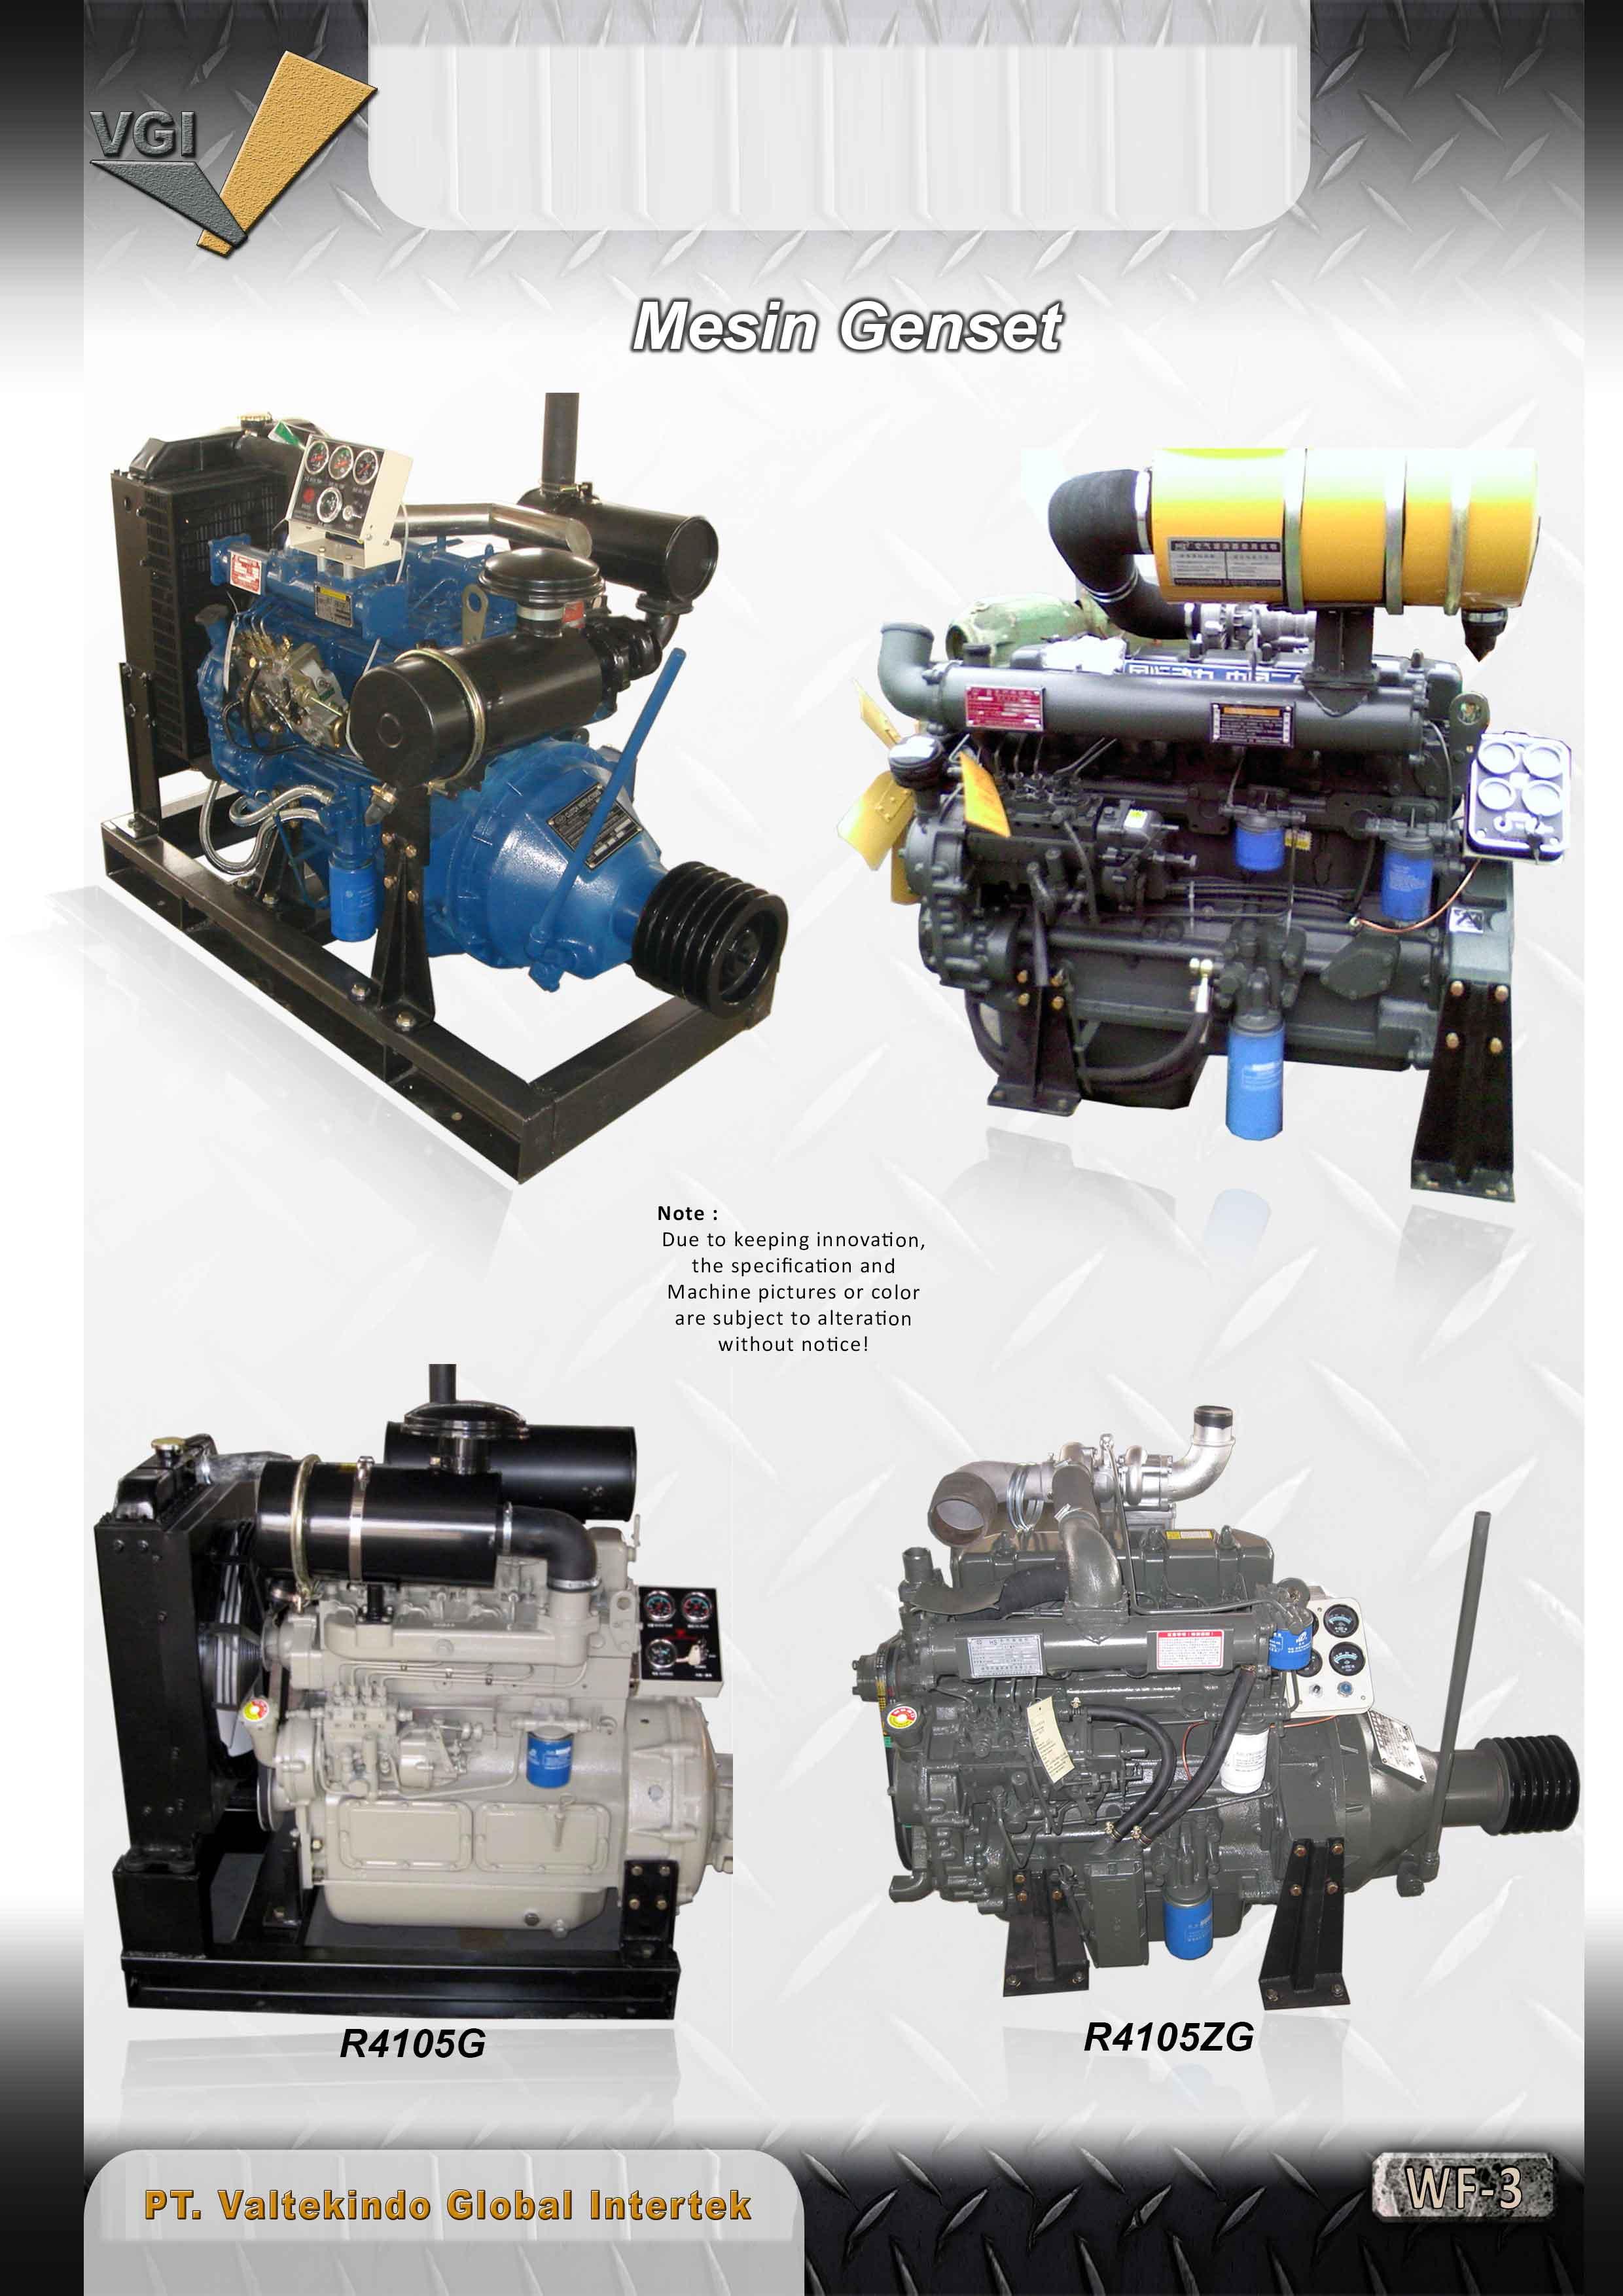 jual mesin, harga mesin, jual mesin bandung, distributor mesin, jual mesin karet, daur ulang karet, daur ulang plastik, mesin pertanian Mesin Genset Mesin Genset